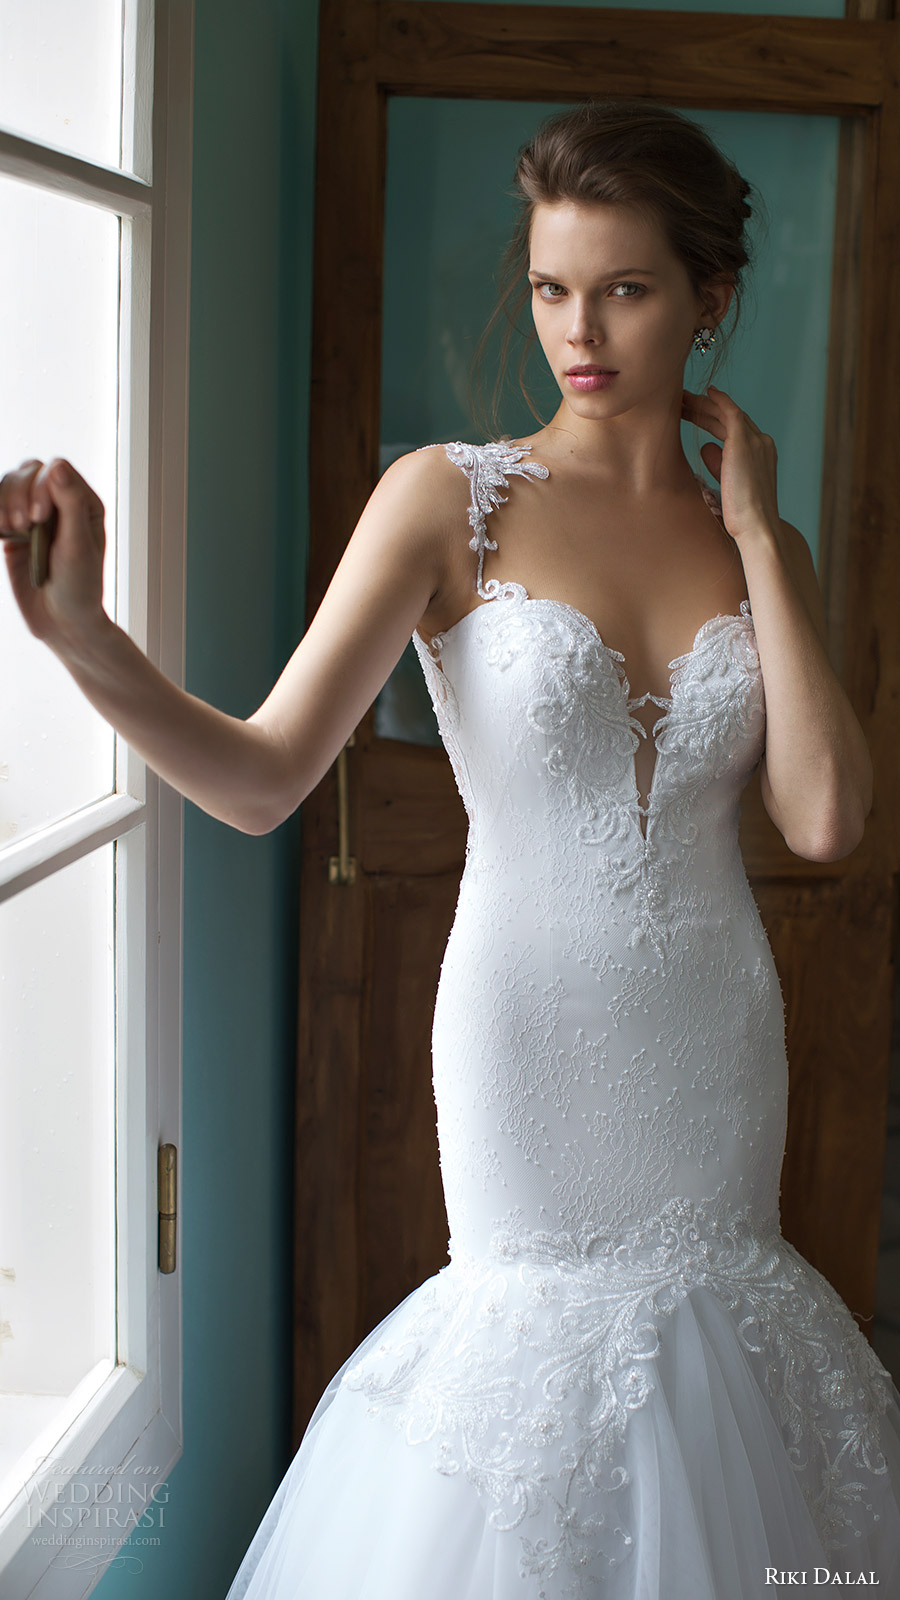 riki dalal bridal 2016 sleeveless plunging sweetheart lace straps embellished bodice mermaid wedding dress (1808) zv elegant romantic